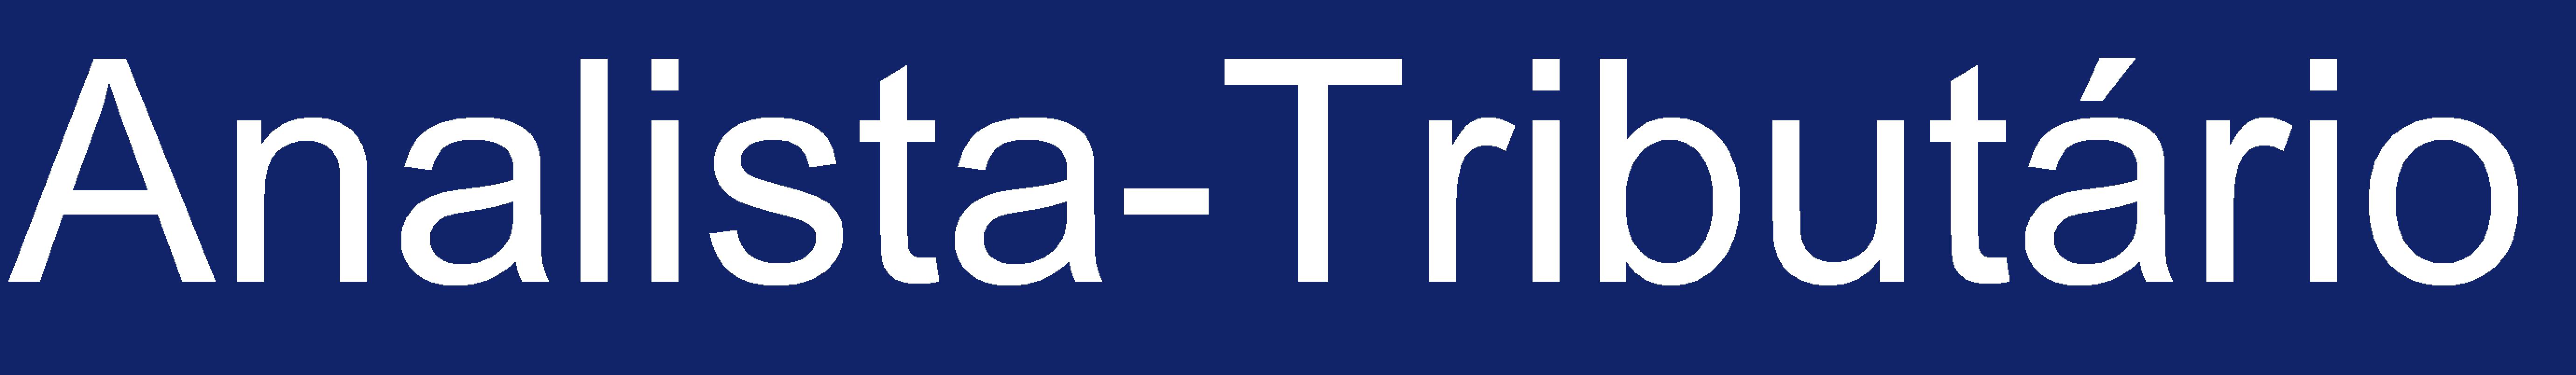 Analista-Tributário